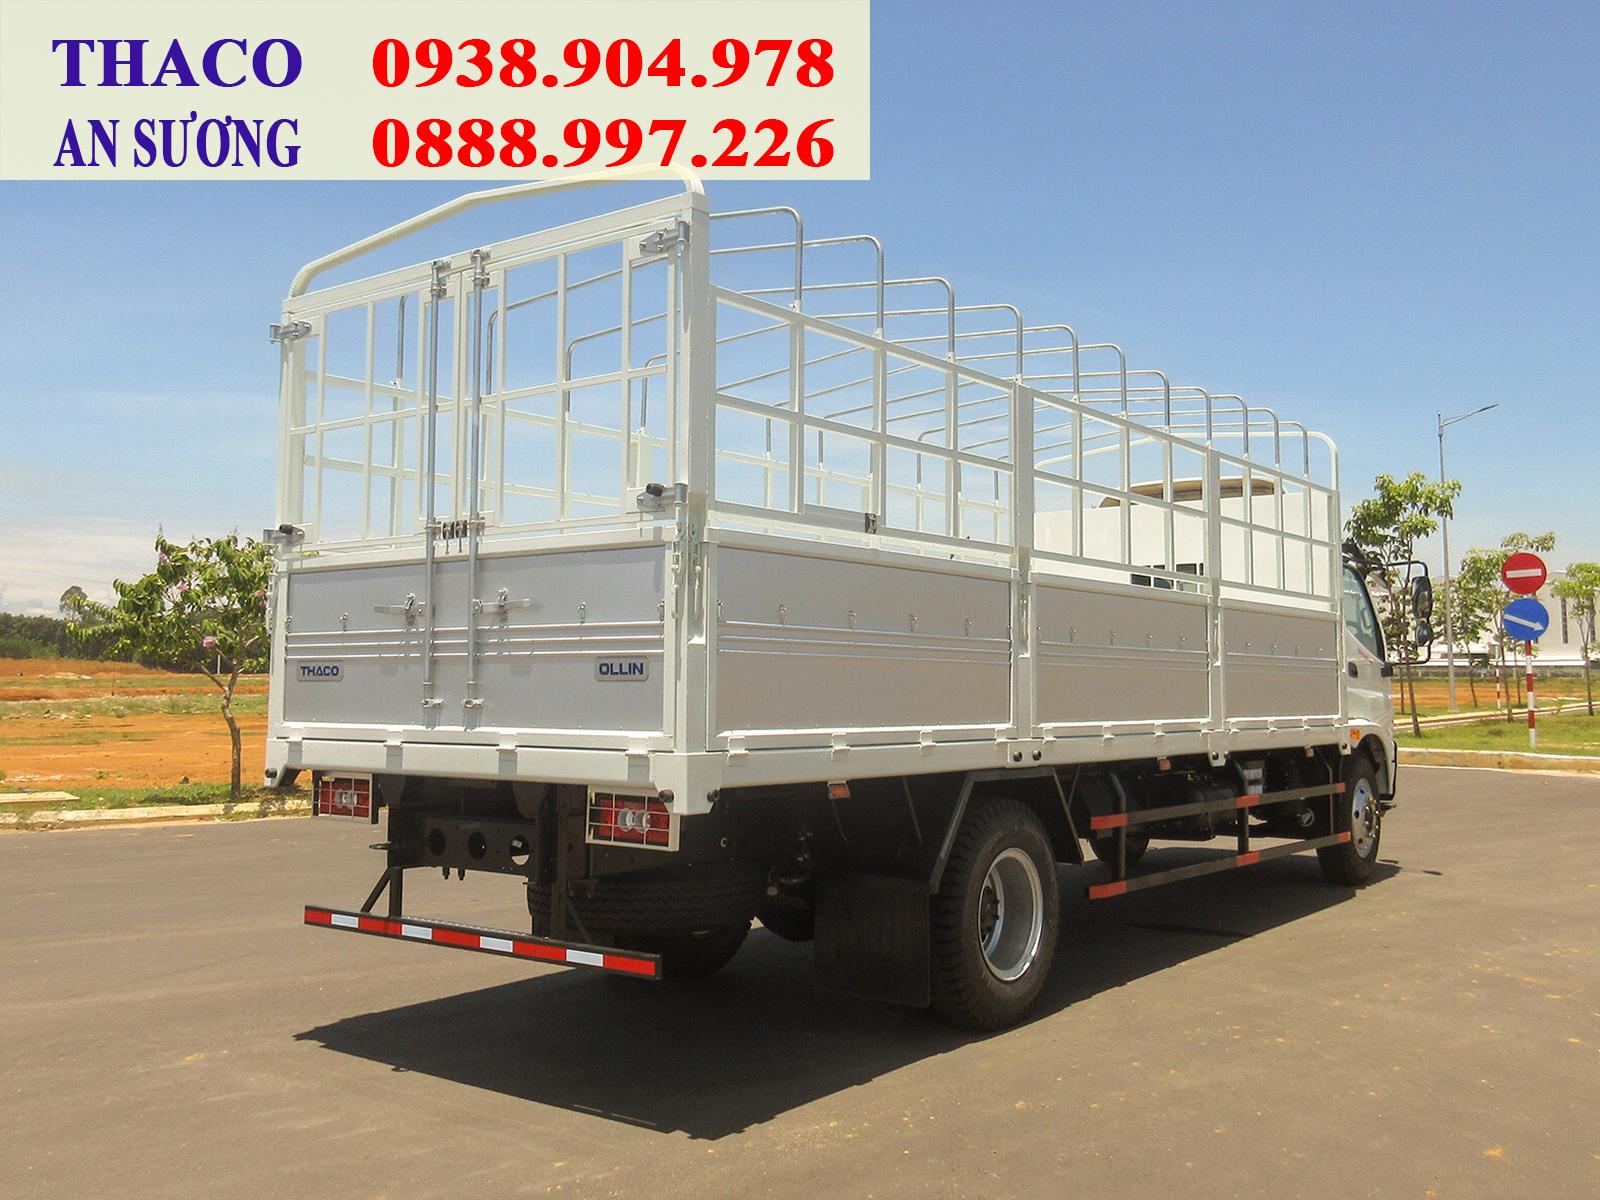 Xe tải Thaco Ollin 900 được bảo hành 3 năm / 100.000 km tại Thaco, với hệ thống 69 chi nhánh và đại lý 3S của Thaco trên toàn quốc